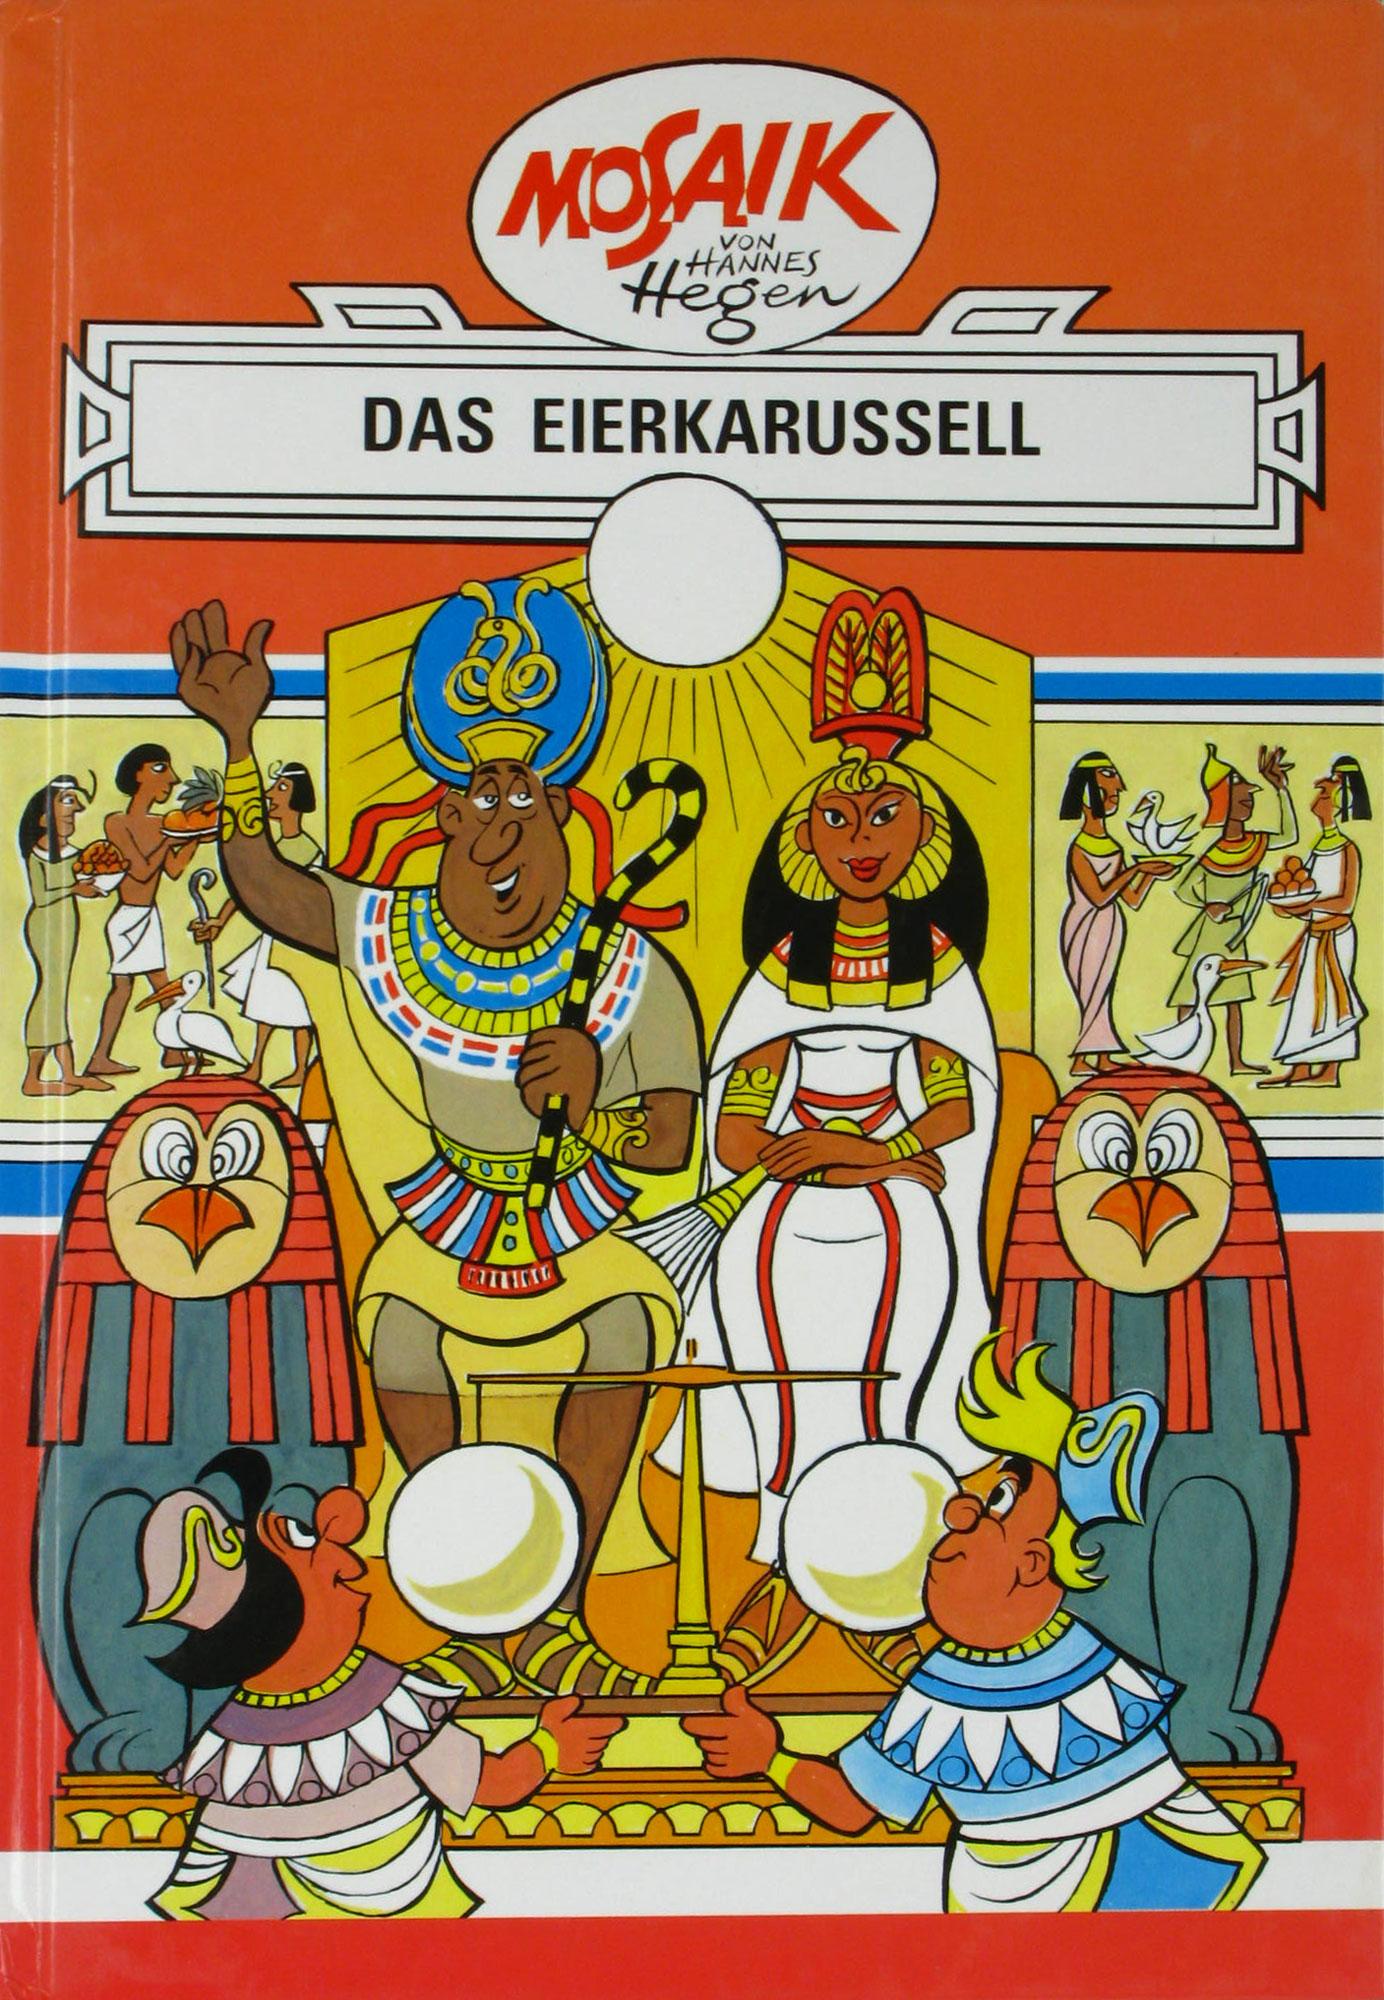 Das Eierkarussell  1. Auflage - Hegen, Hannes